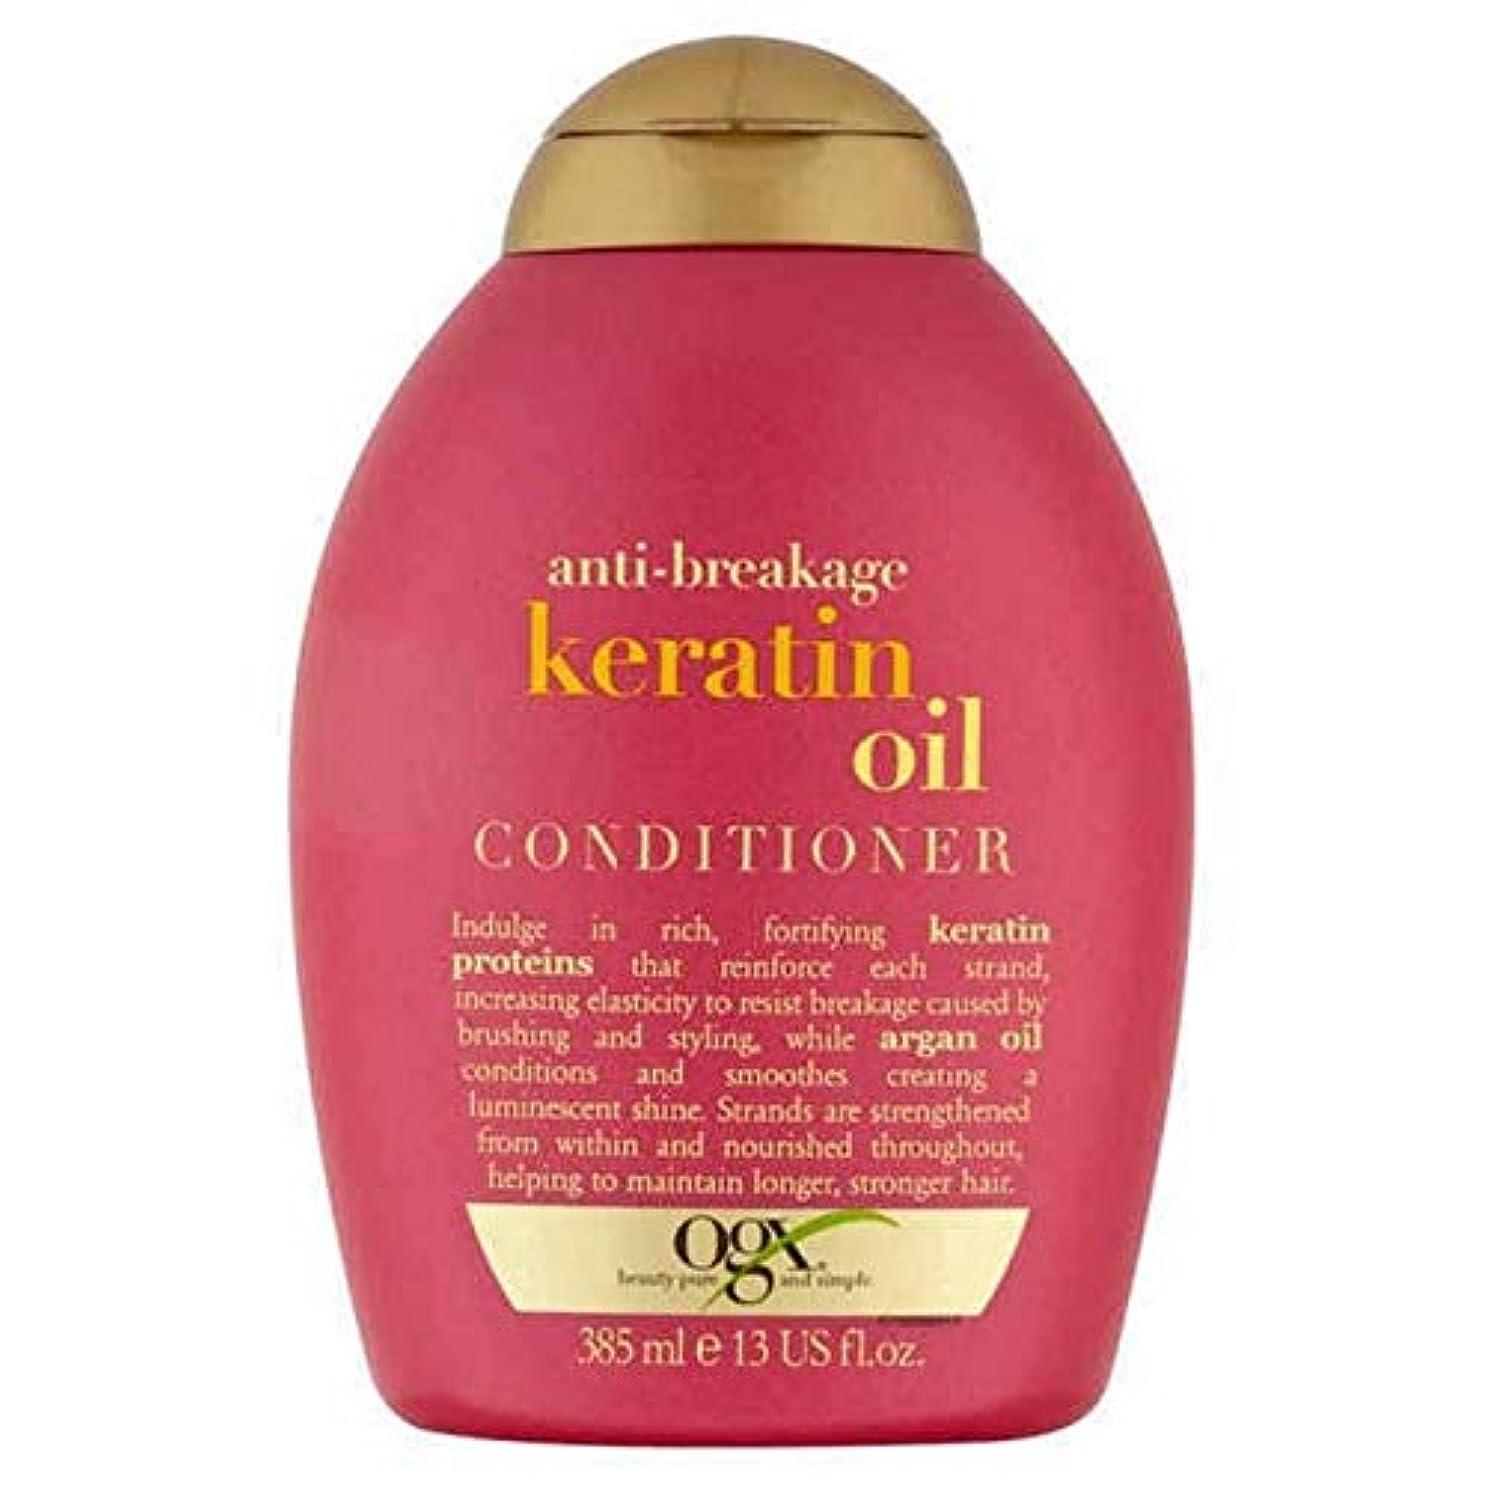 イヤホンボイド生き残り[Ogx] Ogx抗破損ケラチンオイルコンディショナー385ミリリットル - OGX Anti-Breakage Keratin Oil Conditioner 385ml [並行輸入品]